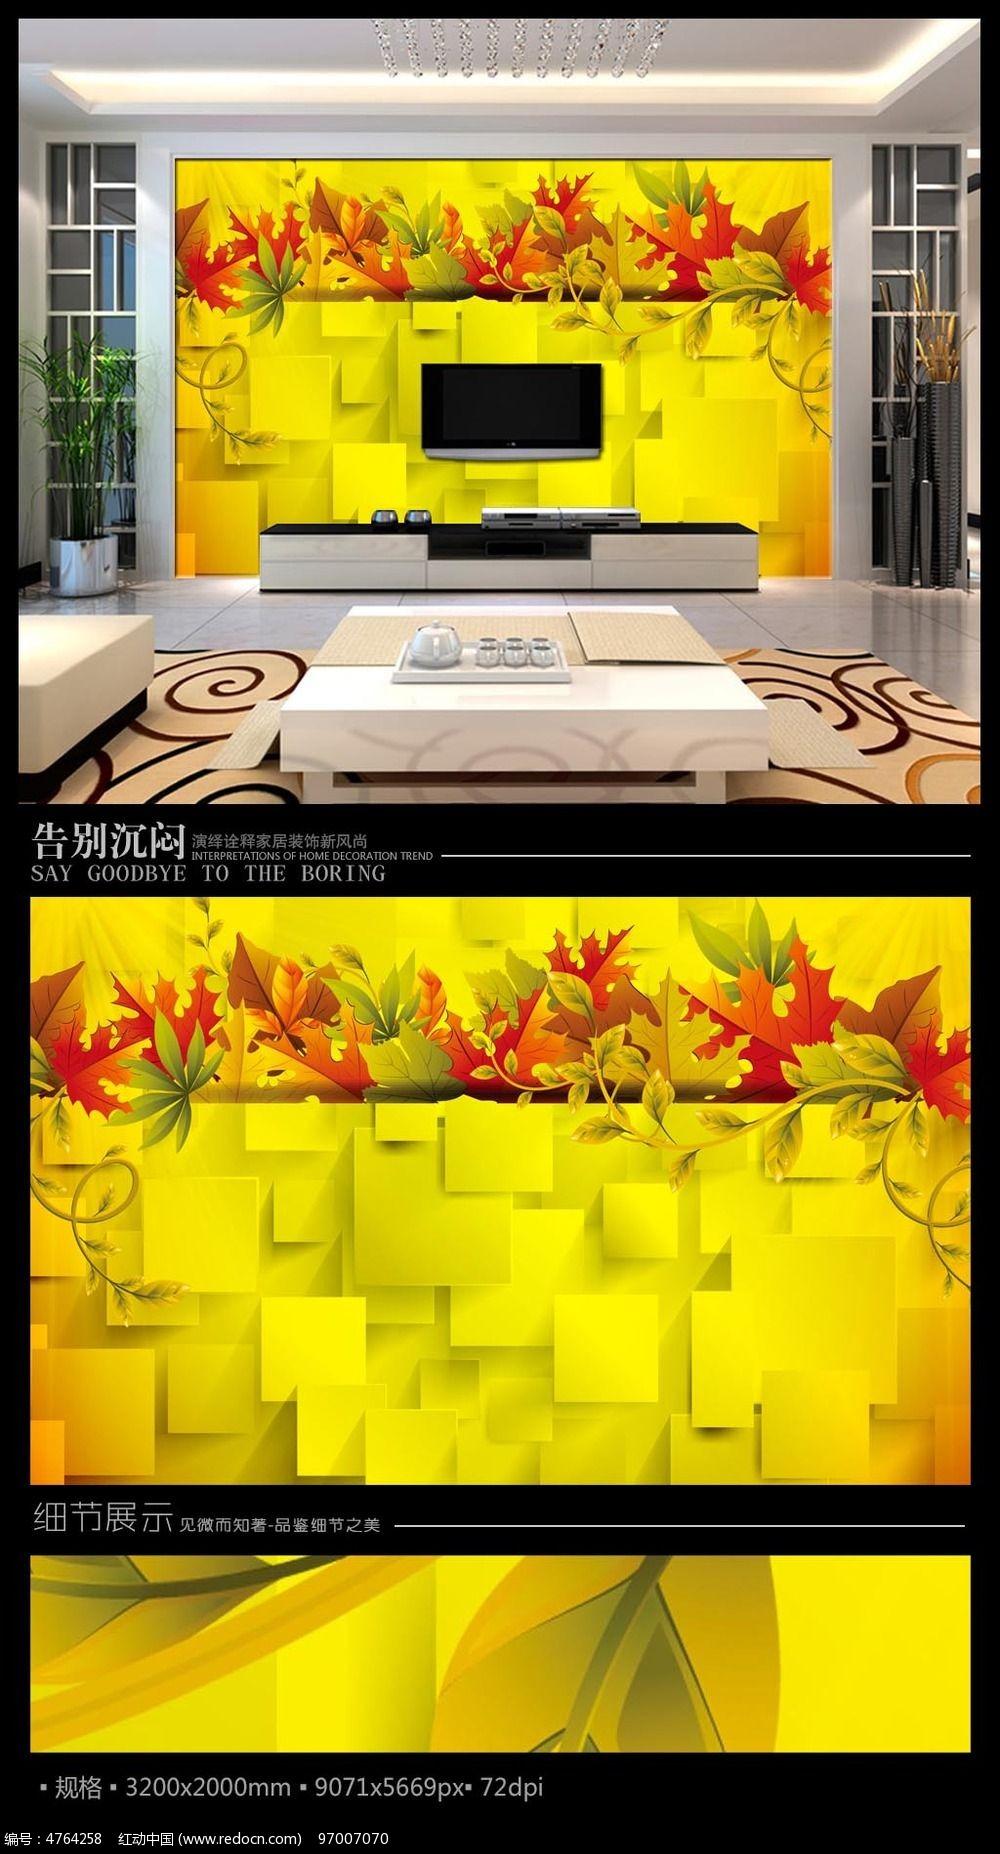 欧式现代简约方块电视背景墙